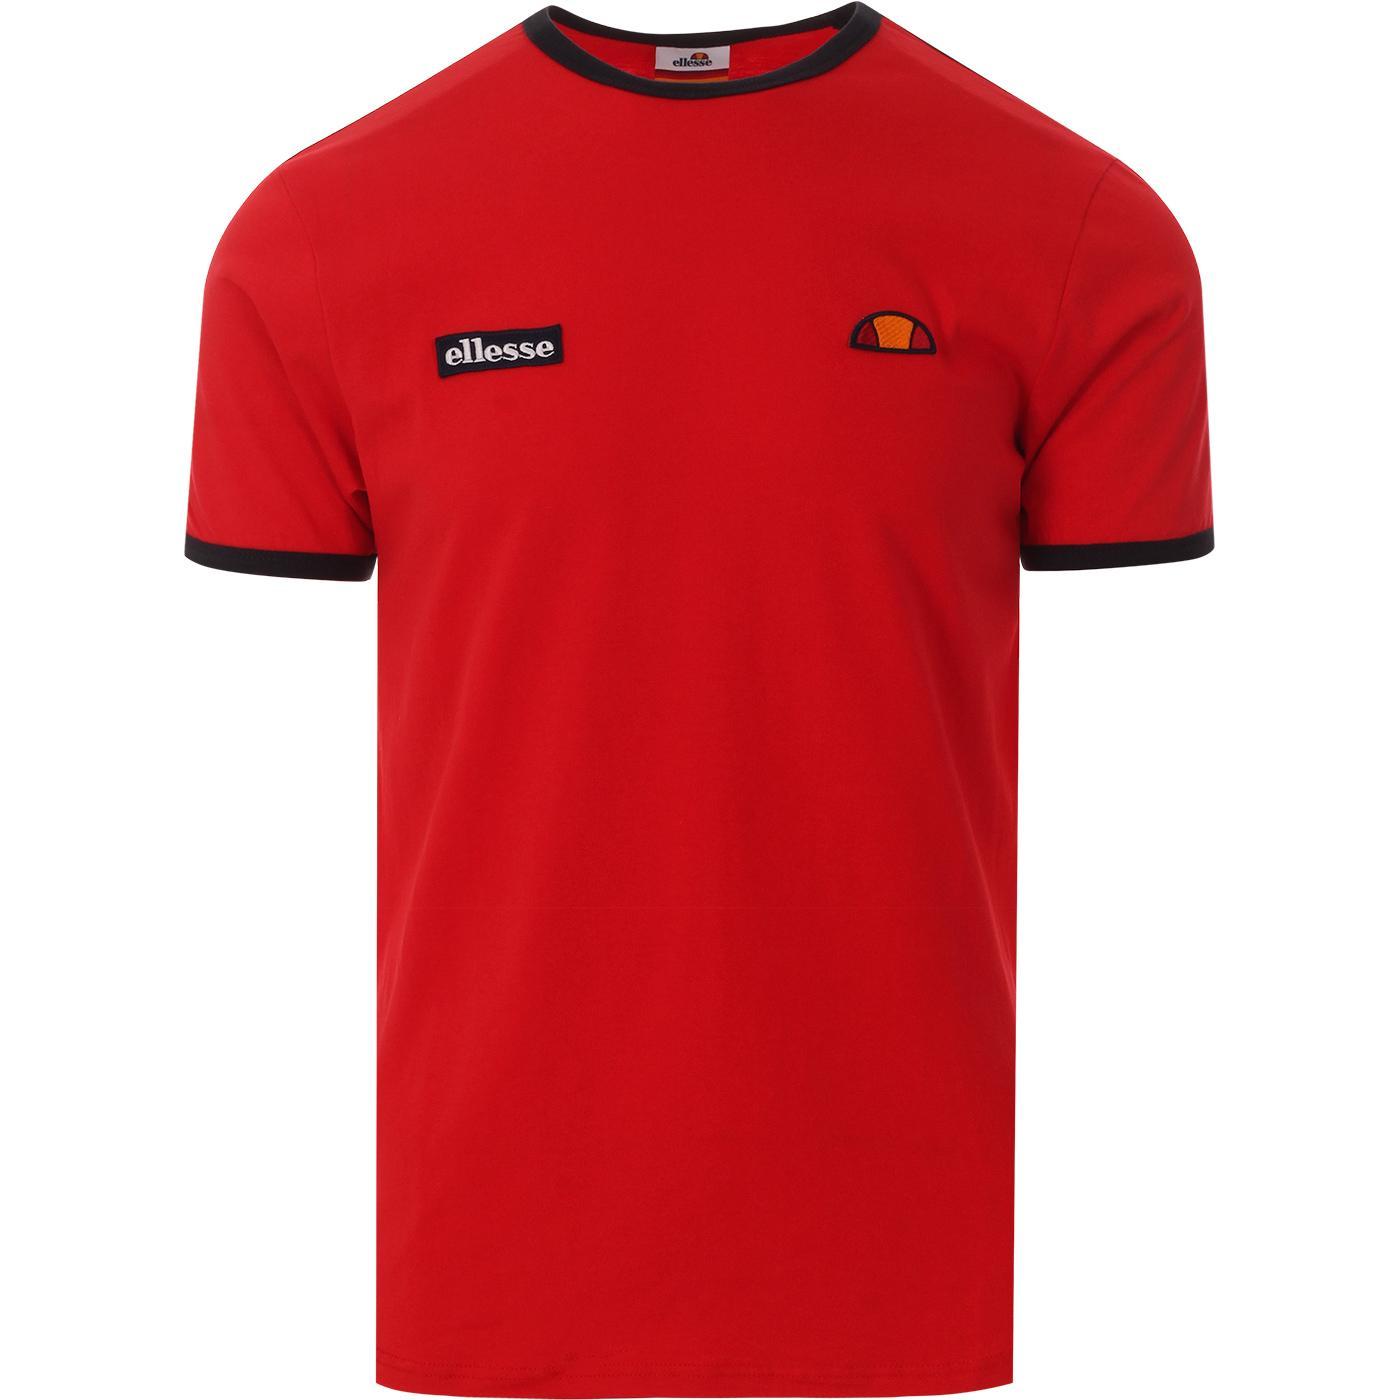 Fedora ELLESSE Men's Classic Retro Logo Tee (Red)